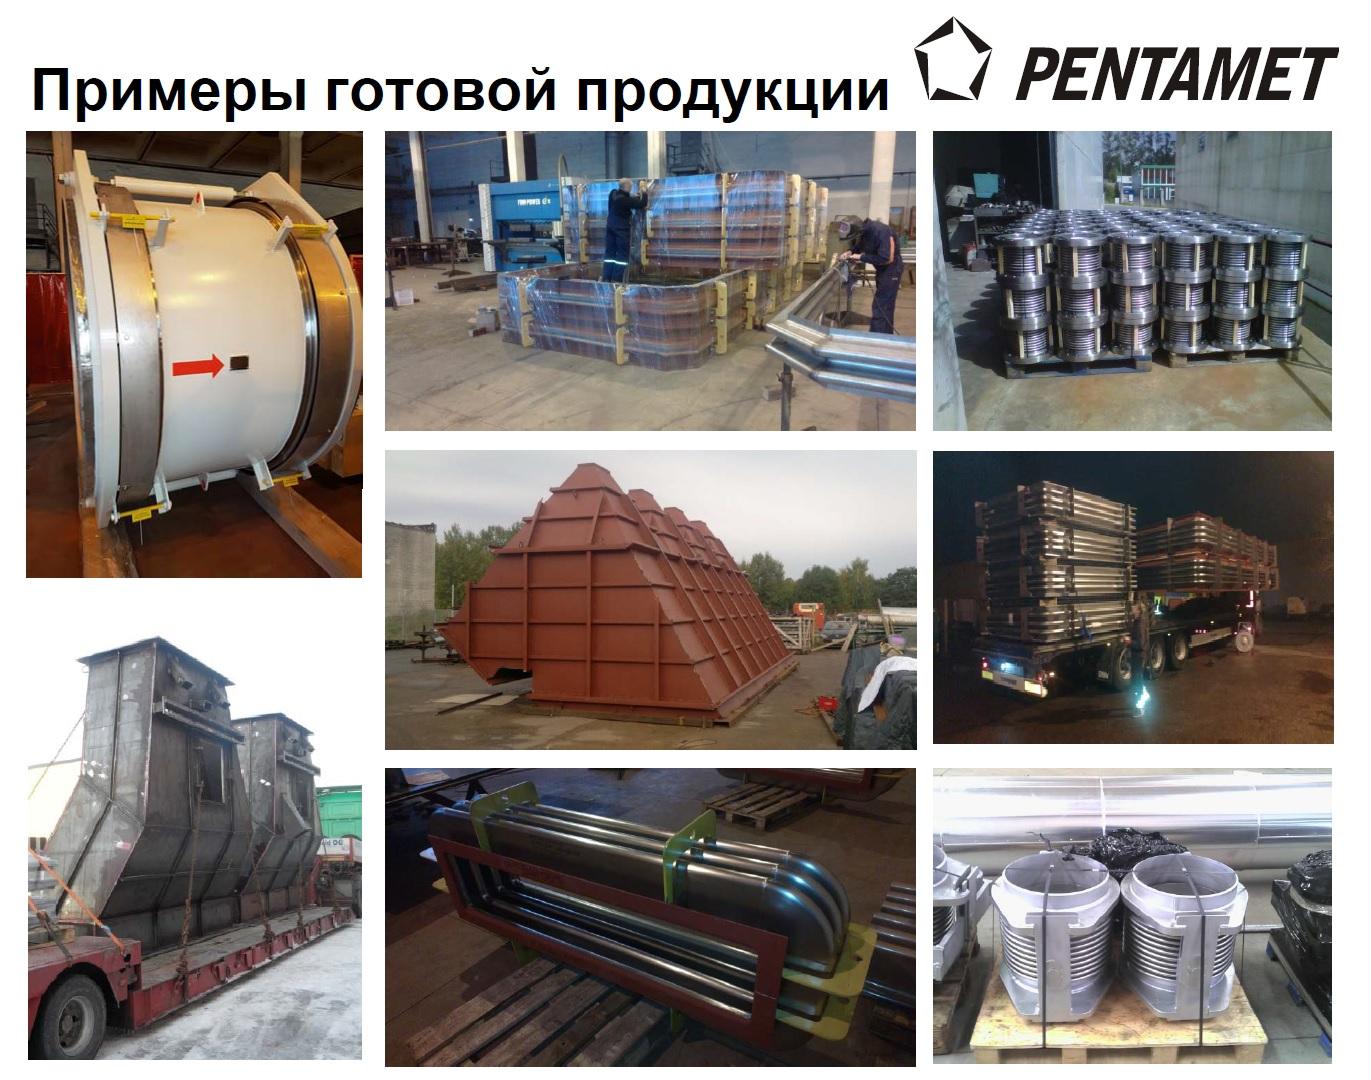 pentamet products 2.jpg